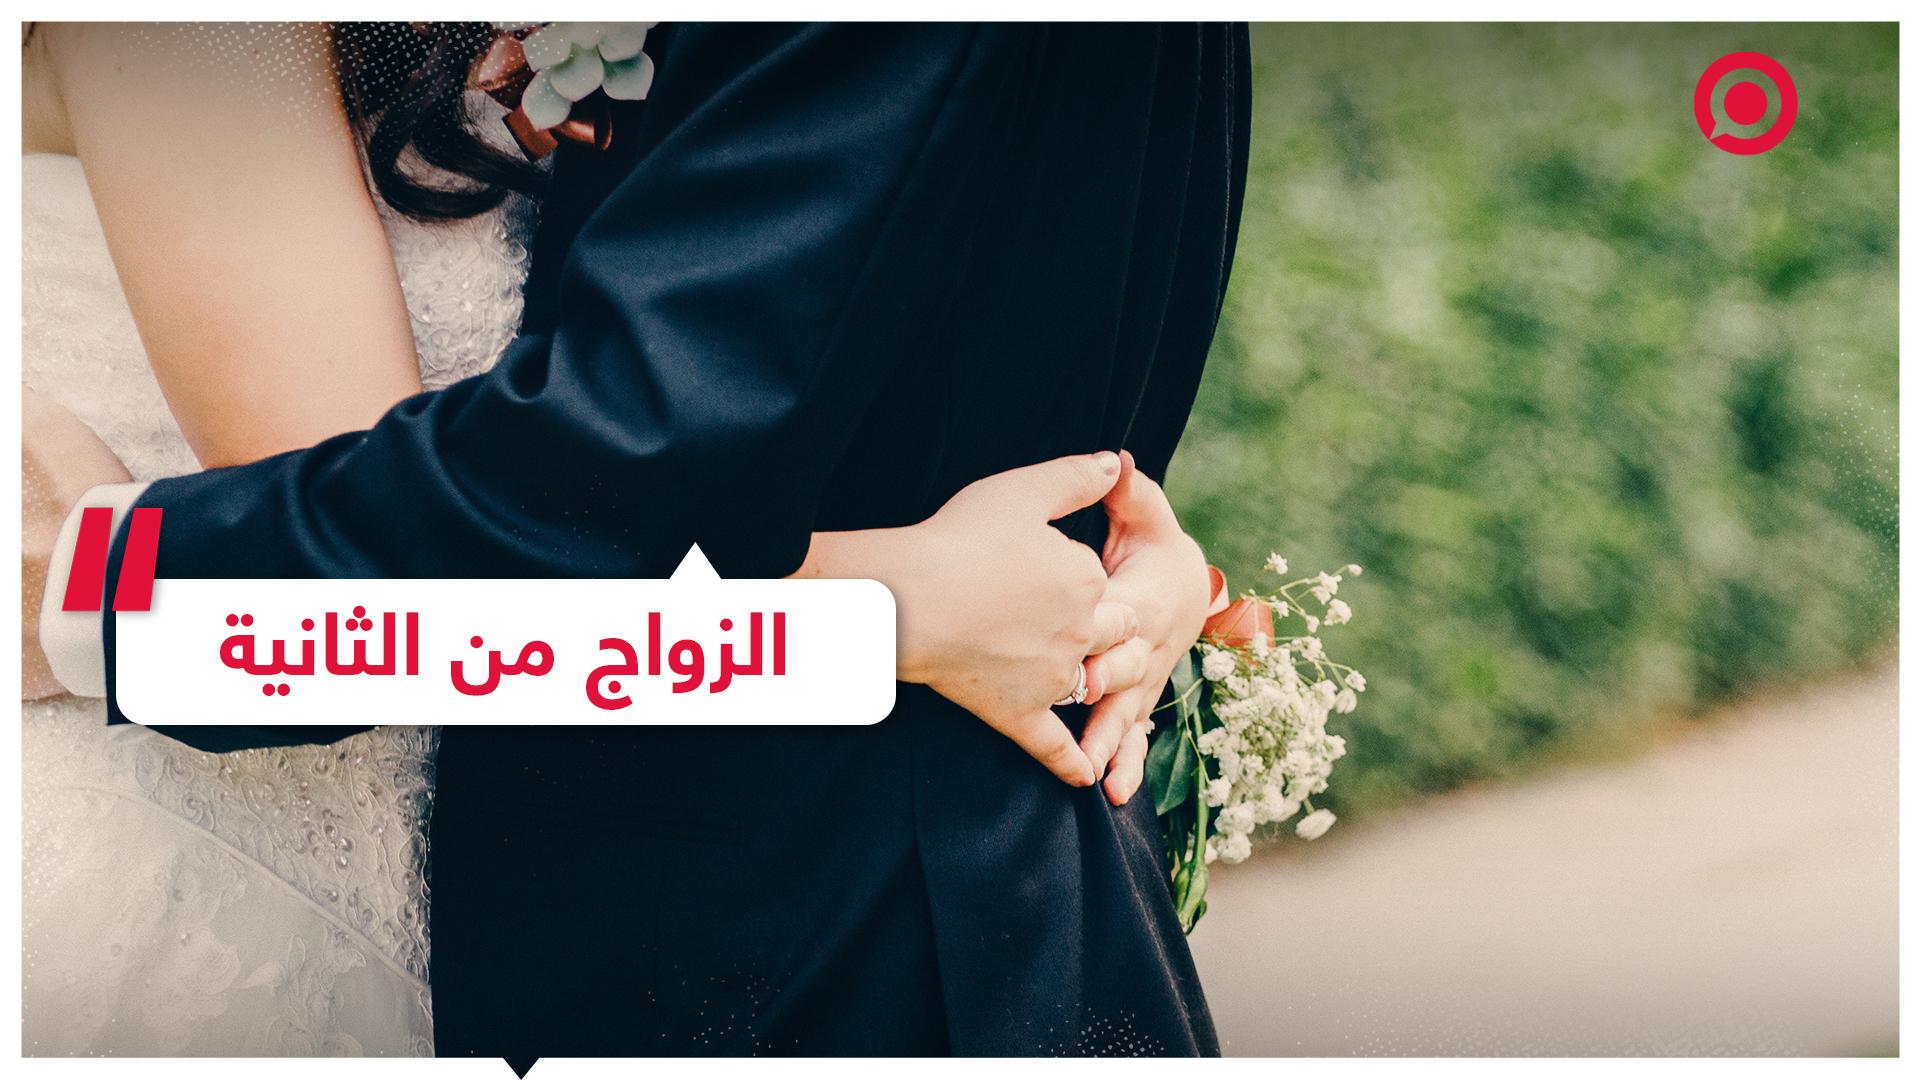 #مصر #زواج #إفتاء